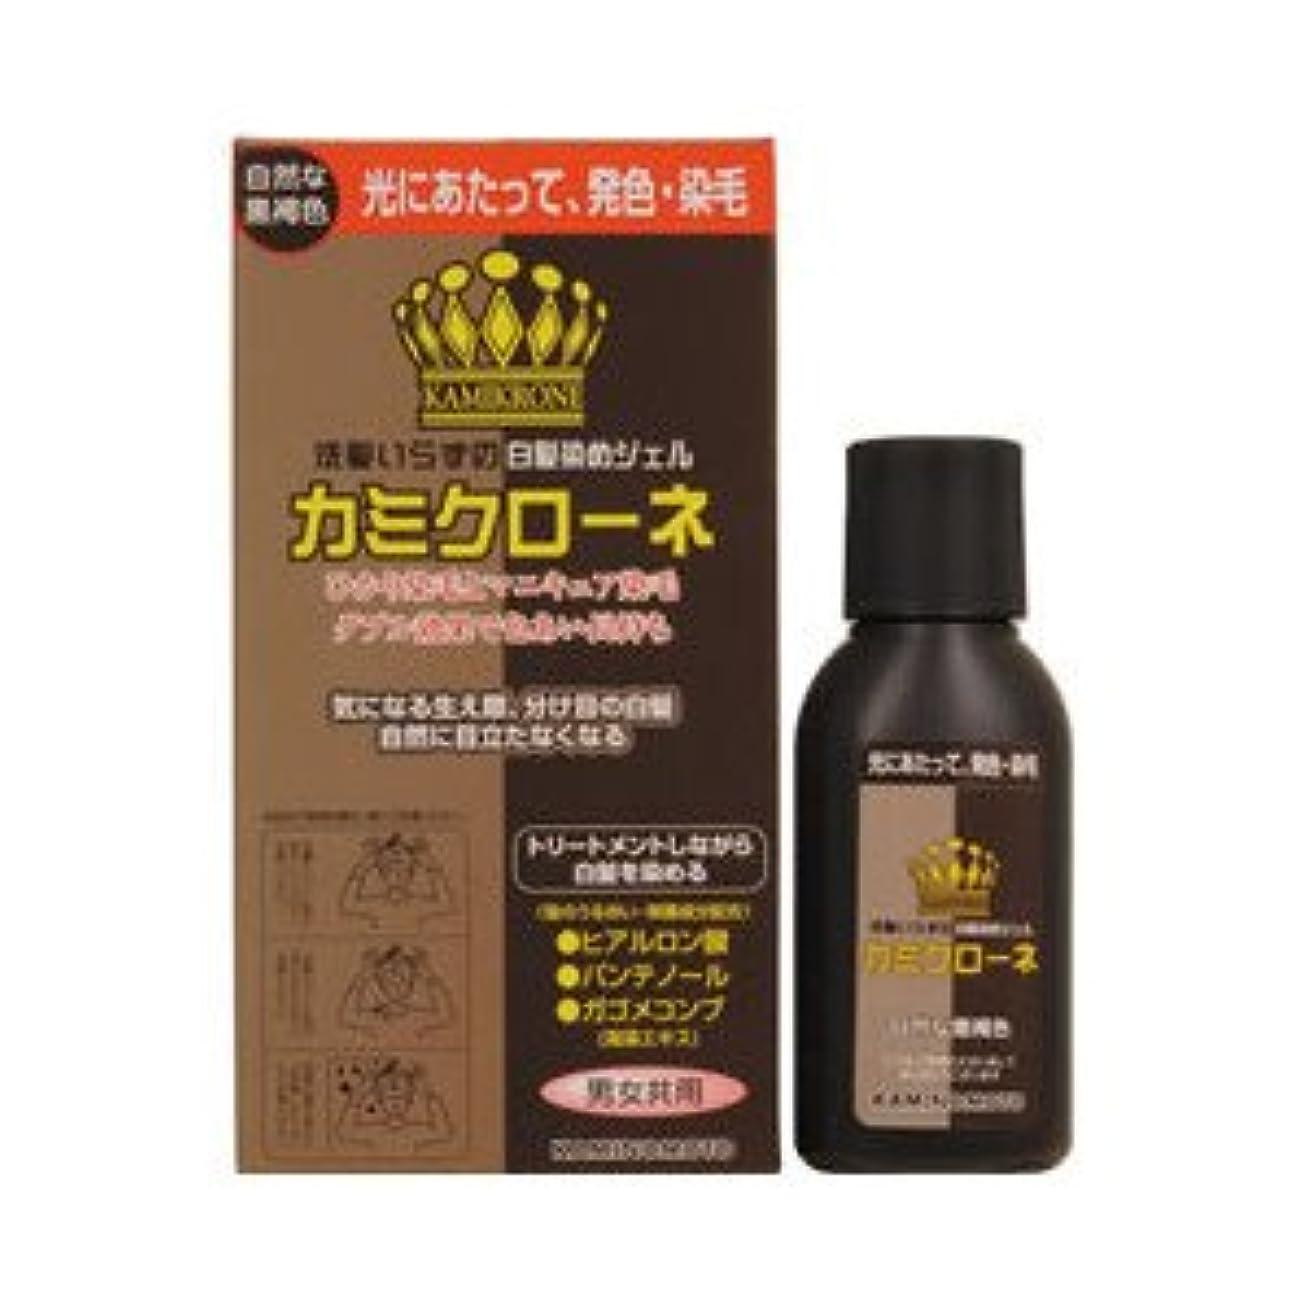 導入する姪ドライ【3個】 加美乃素 カミクローネ 自然な黒褐色 80mlx3個 (4987046820020)